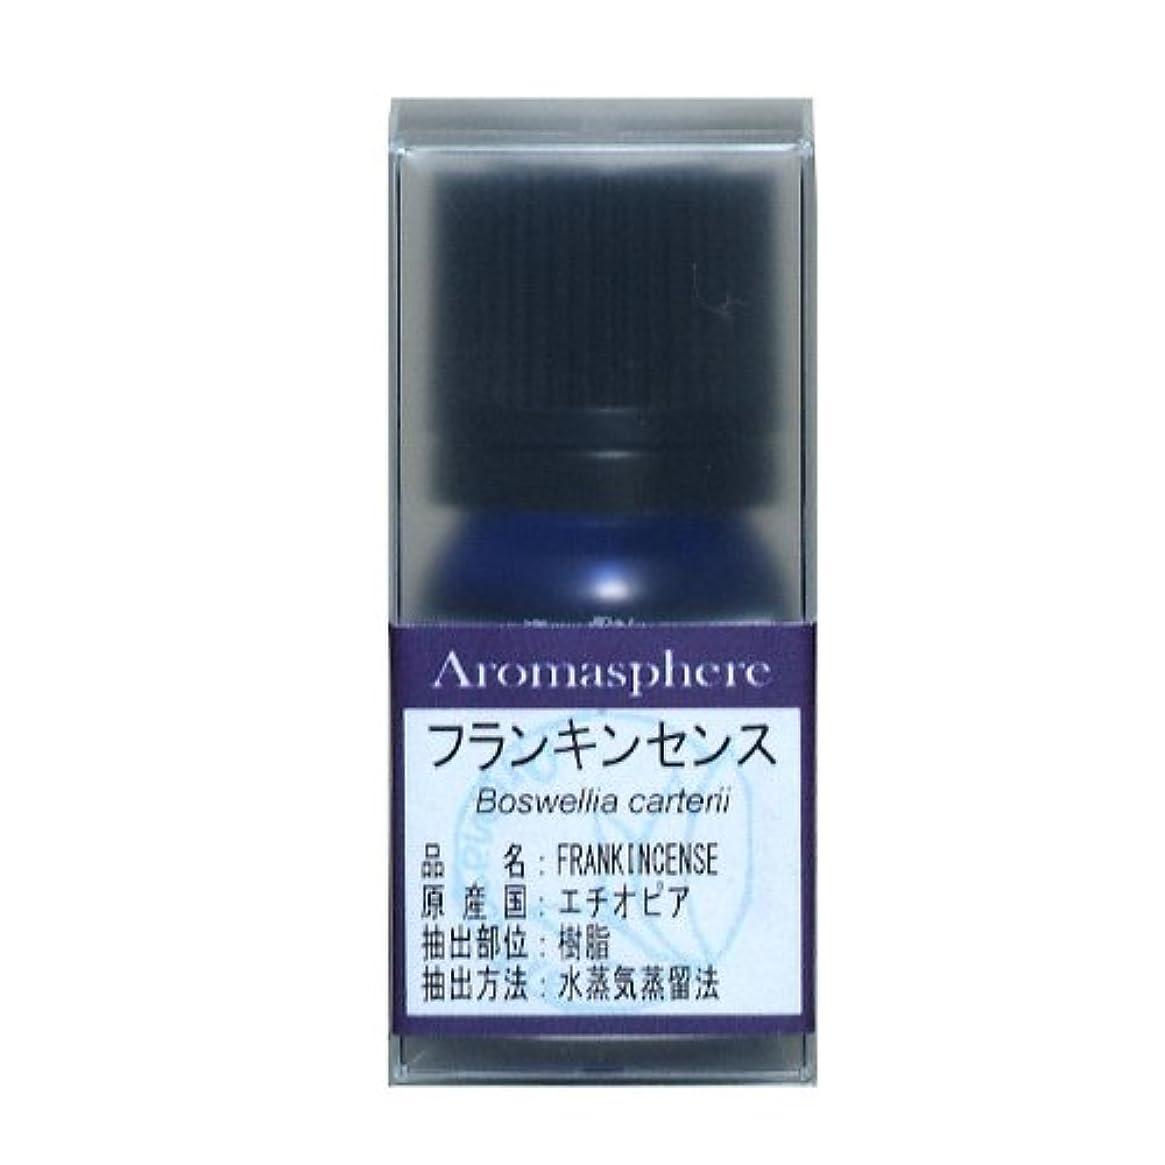 告白チケット可決【アロマスフィア】フランキンセンス 5ml エッセンシャルオイル(精油)